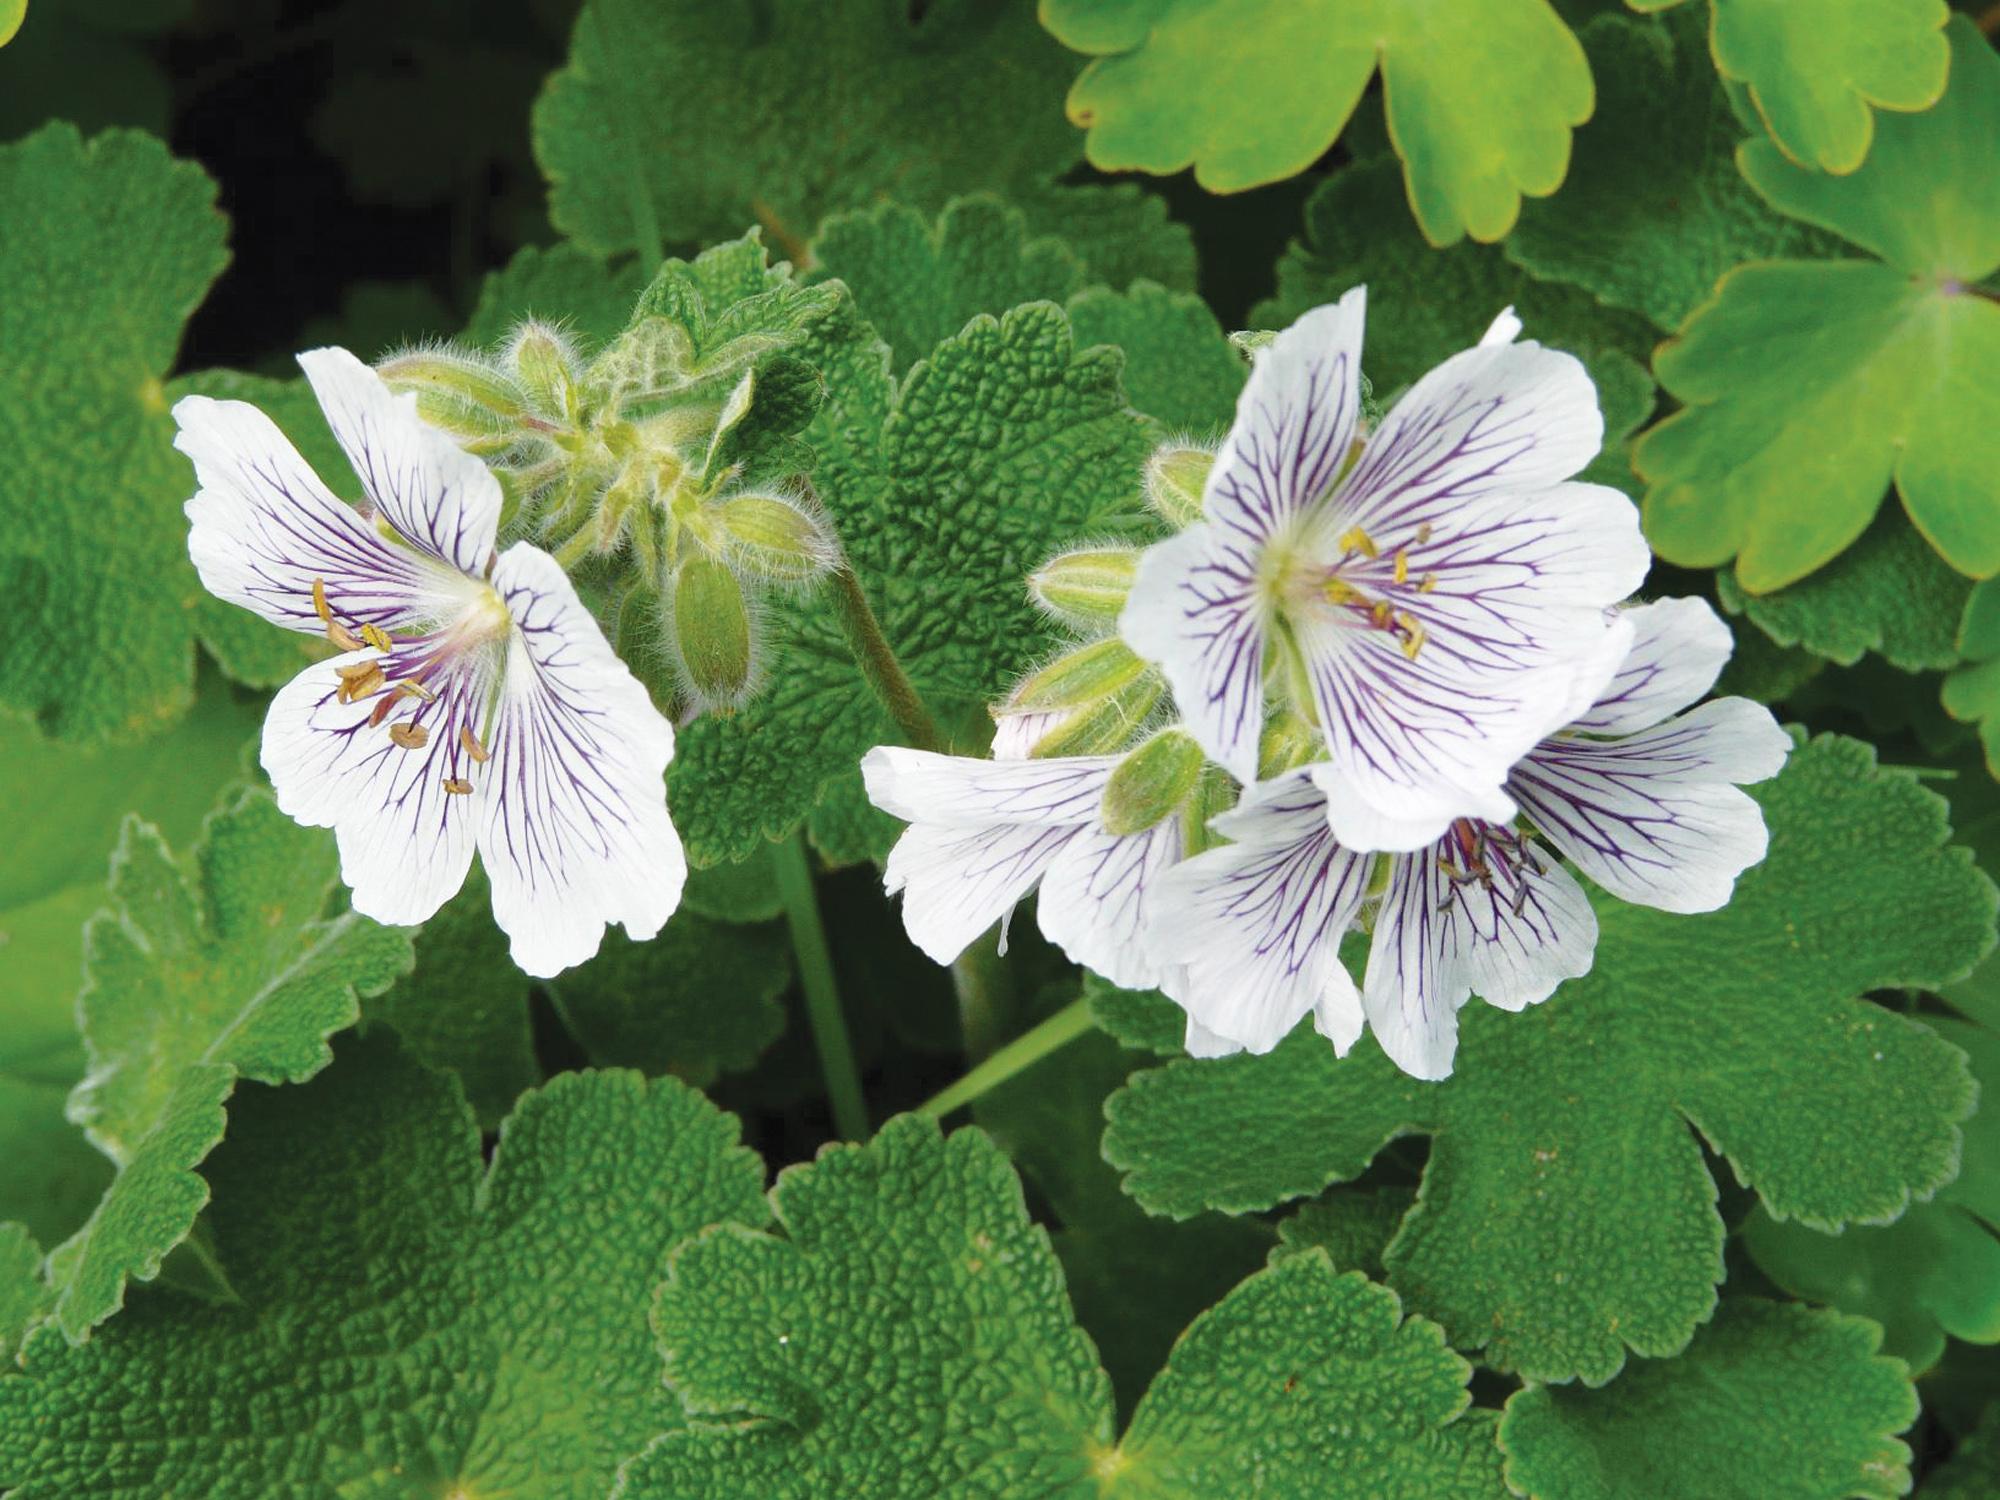 Vaste planten kopen voor uw tuin tuincentrum de molen - Sterke witte werpen en de bal ...